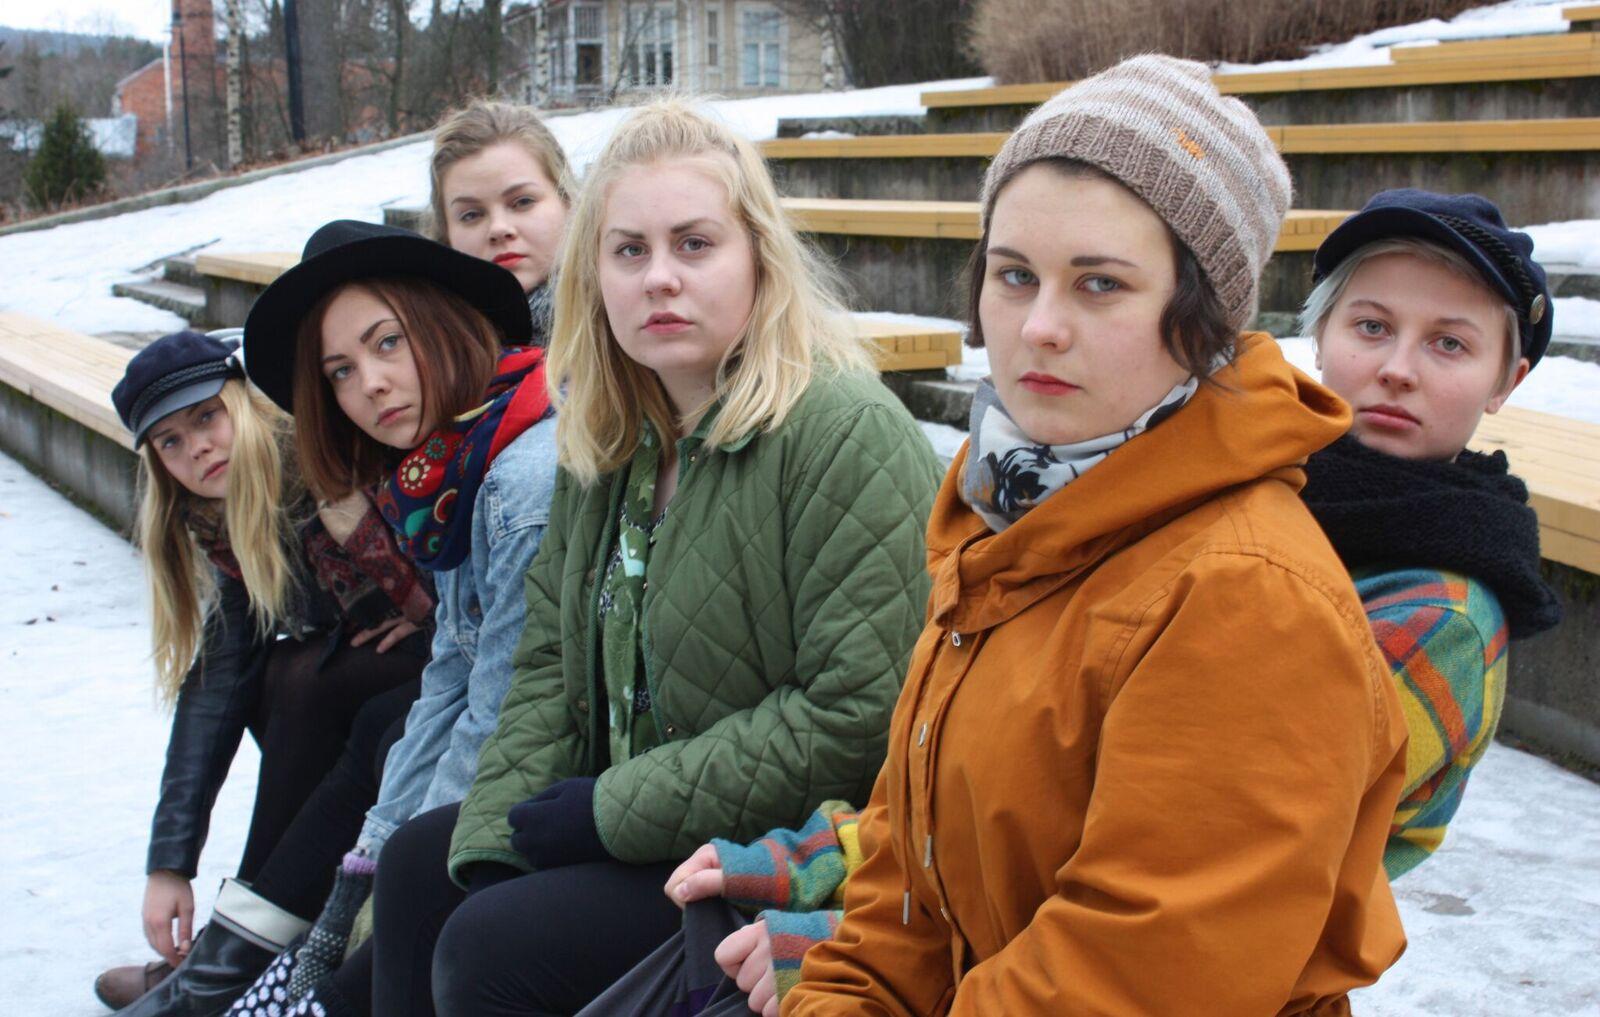 Puskakollektiivi on kahdeksan nuoren naisen teatteriseurue.Kuva:Aino Vauhkonen